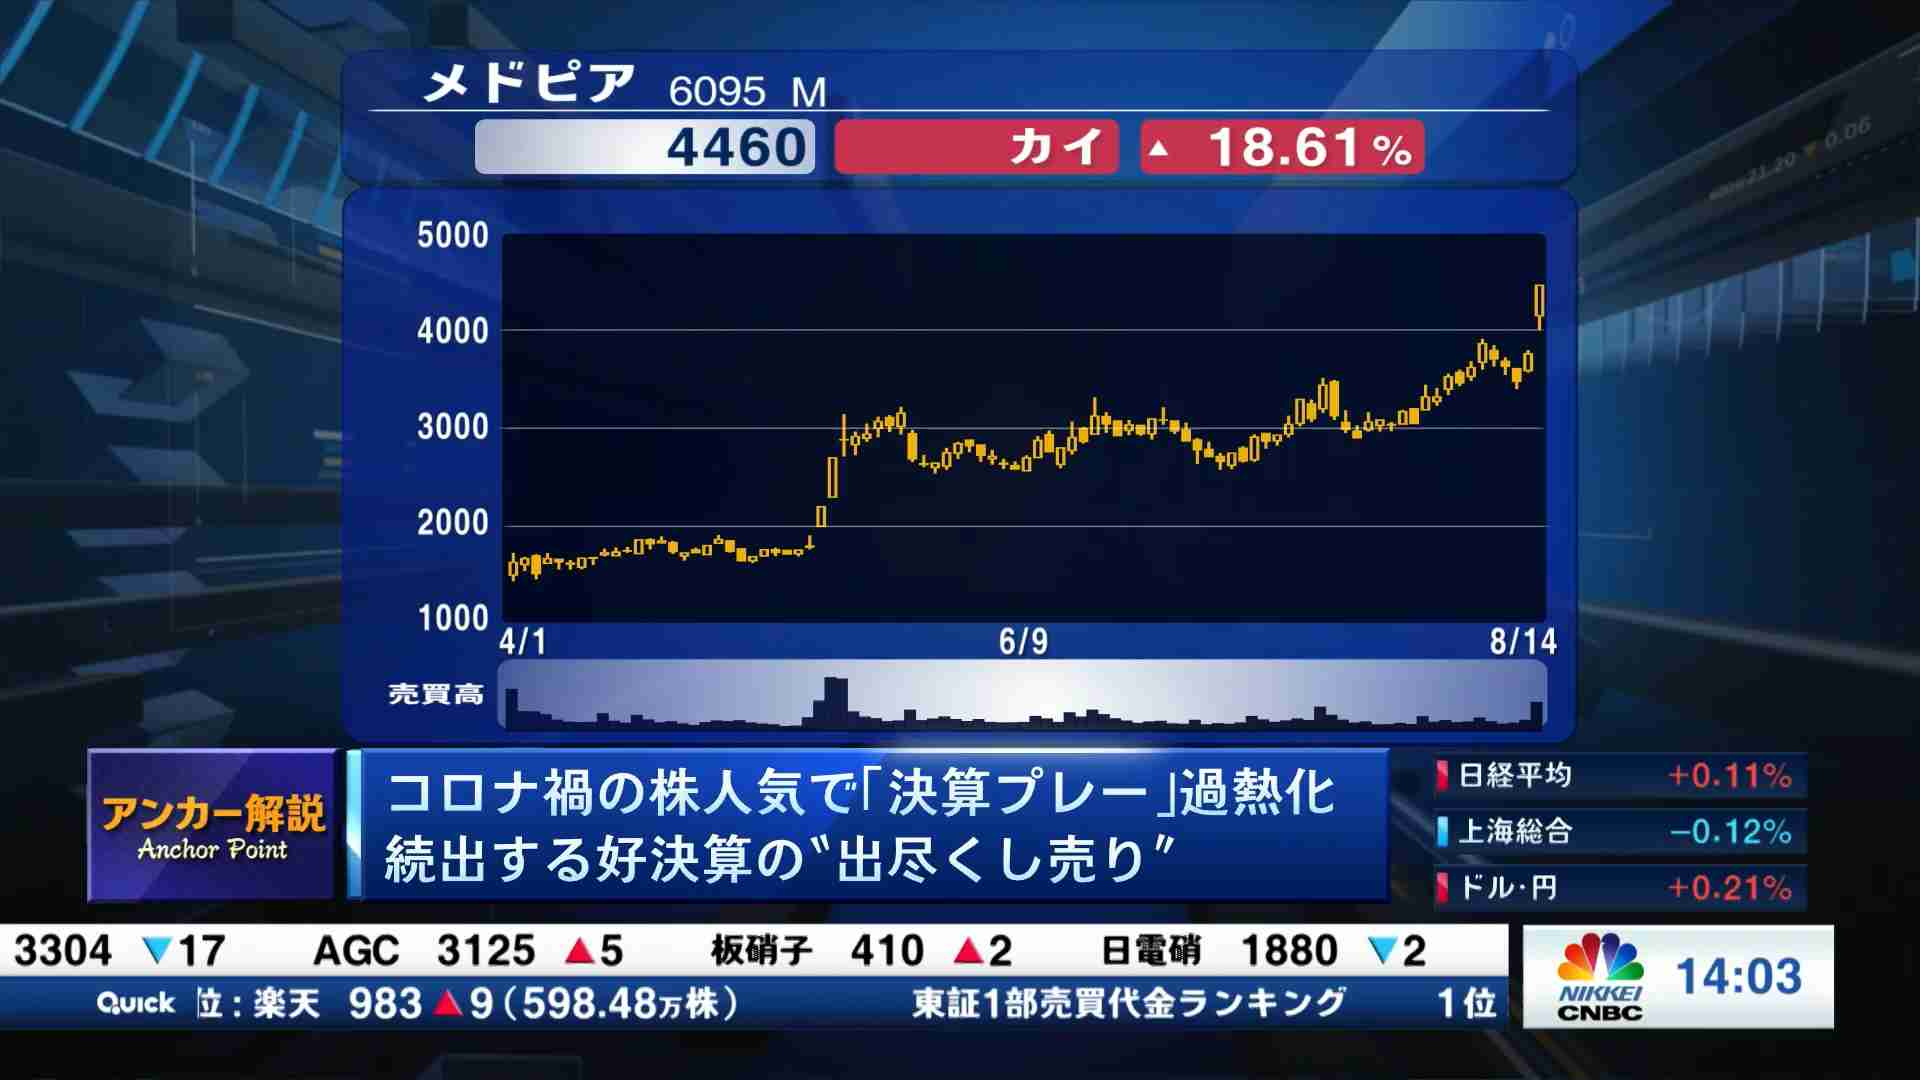 ワークス 株価 ギグ